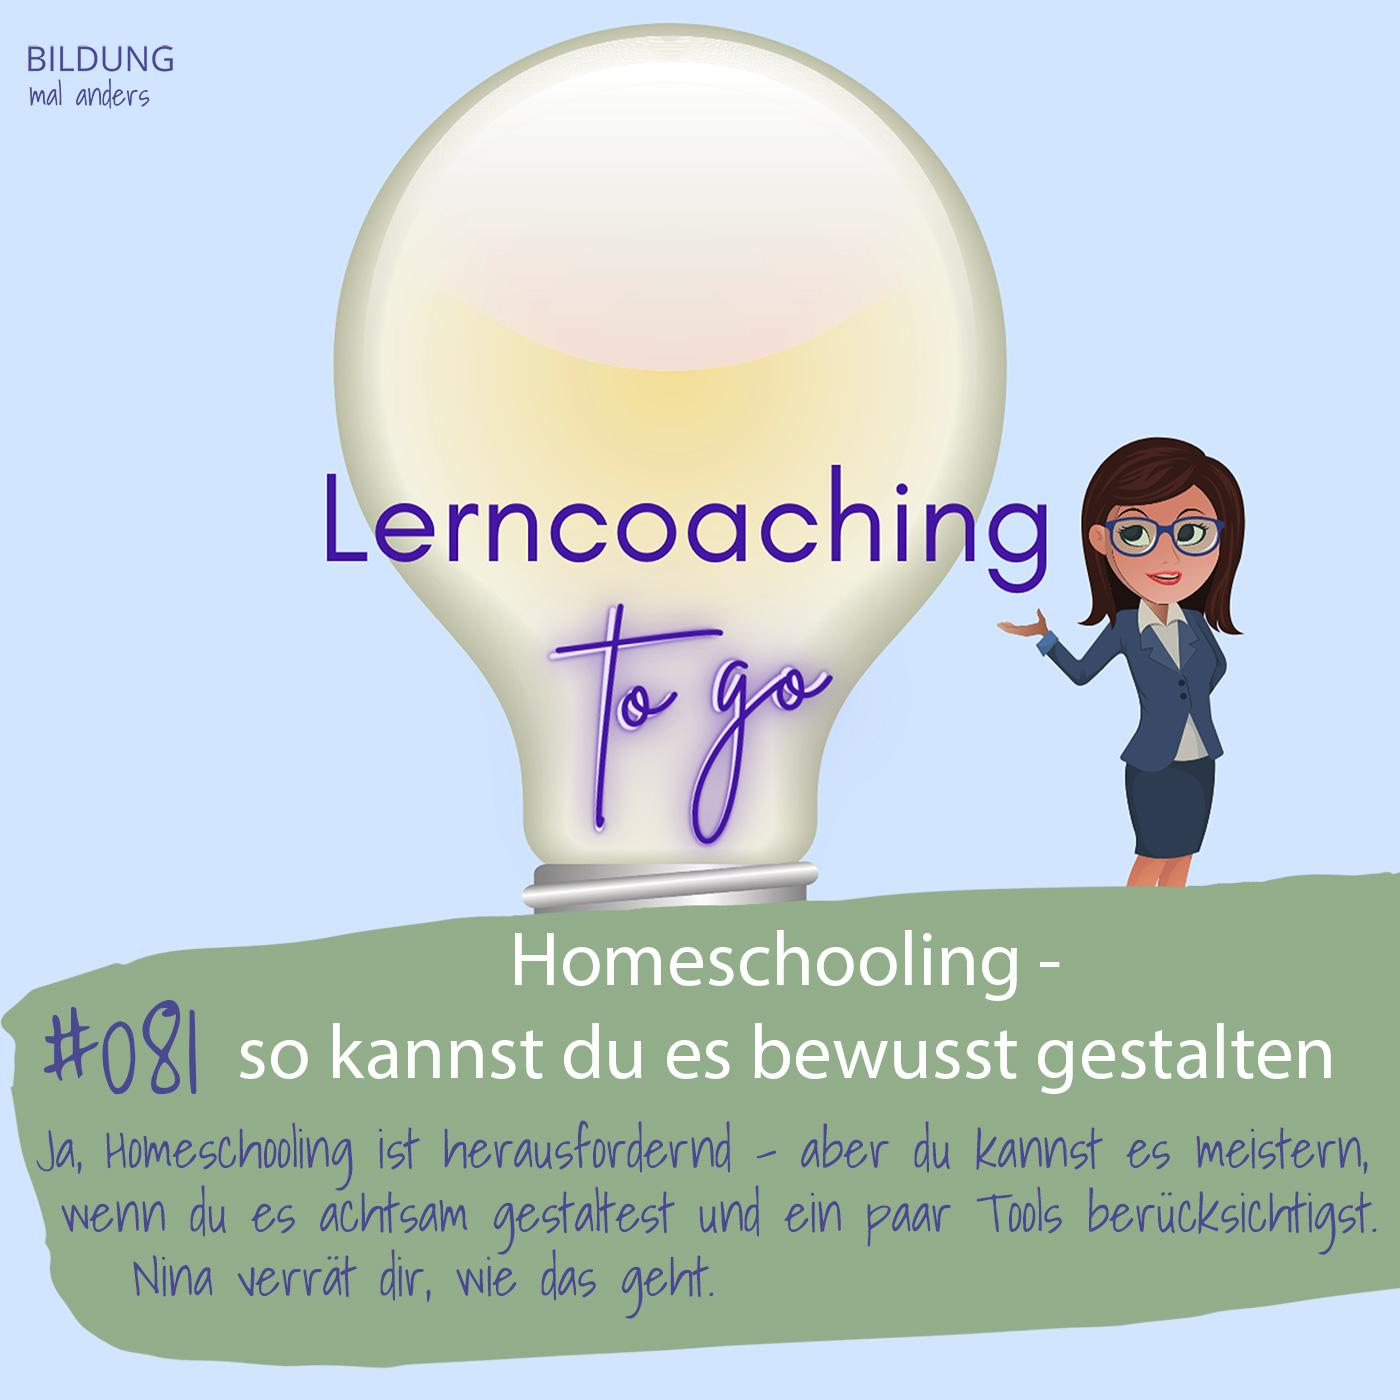 Lerncoaching to go mit Nina: Homeschooling - so kannst du es bewusst gestalten